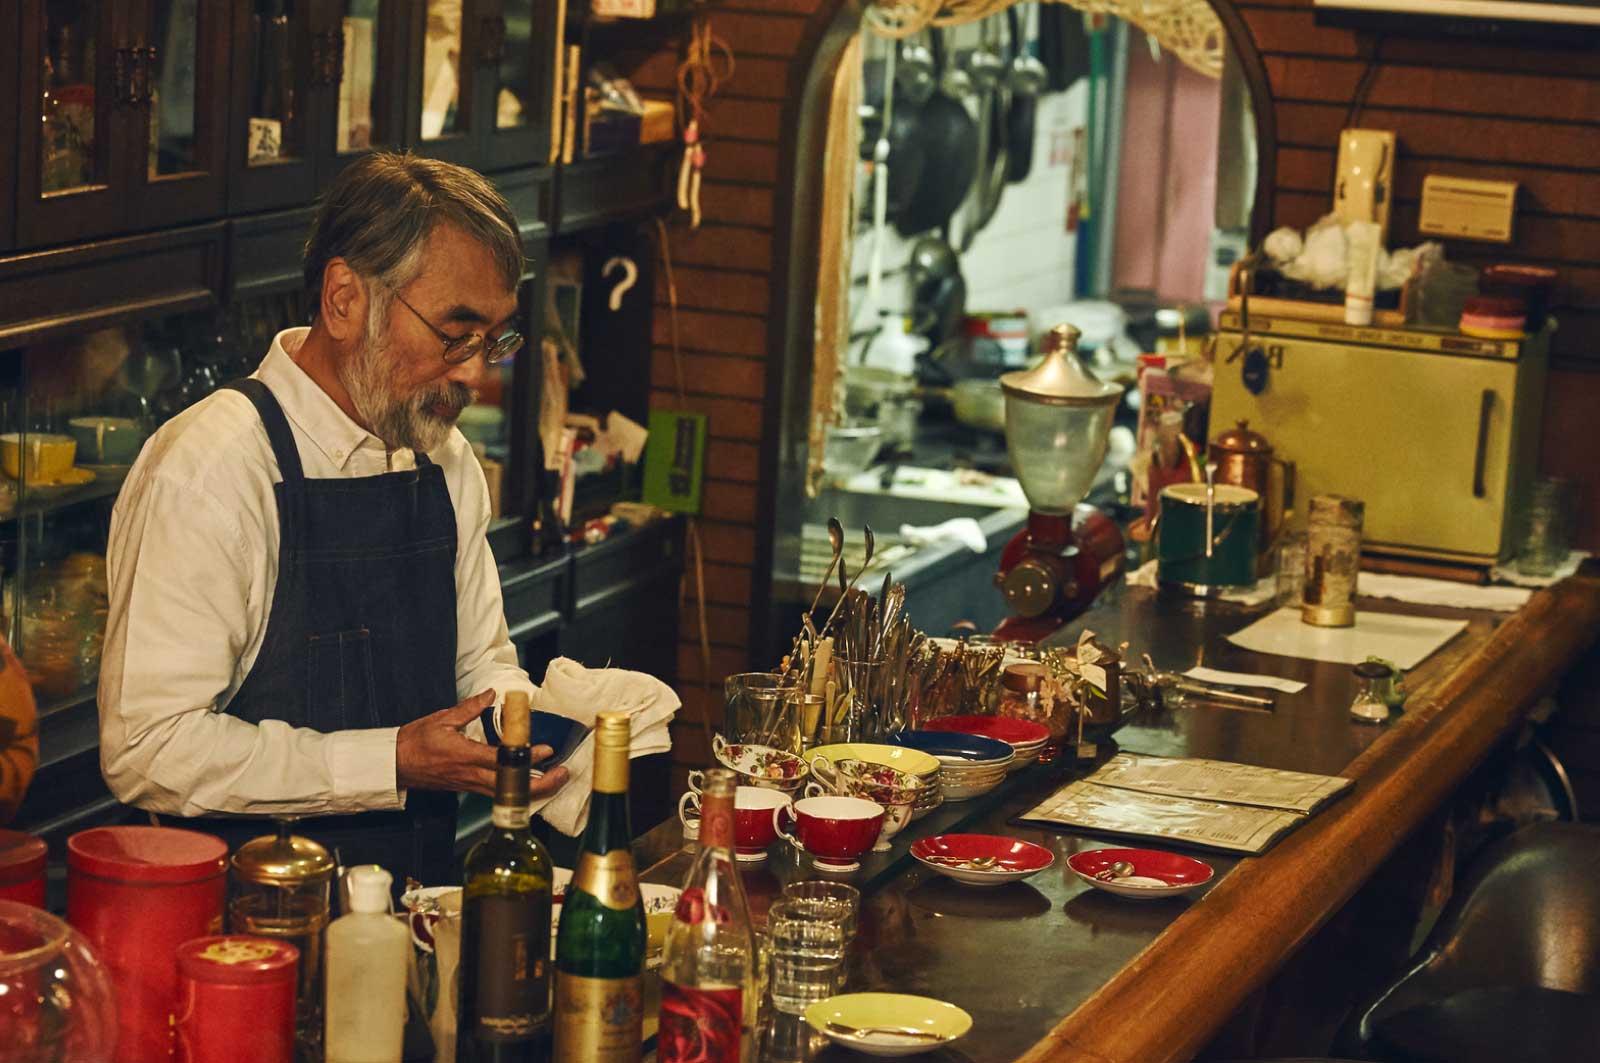 枚方のレトロ喫茶店